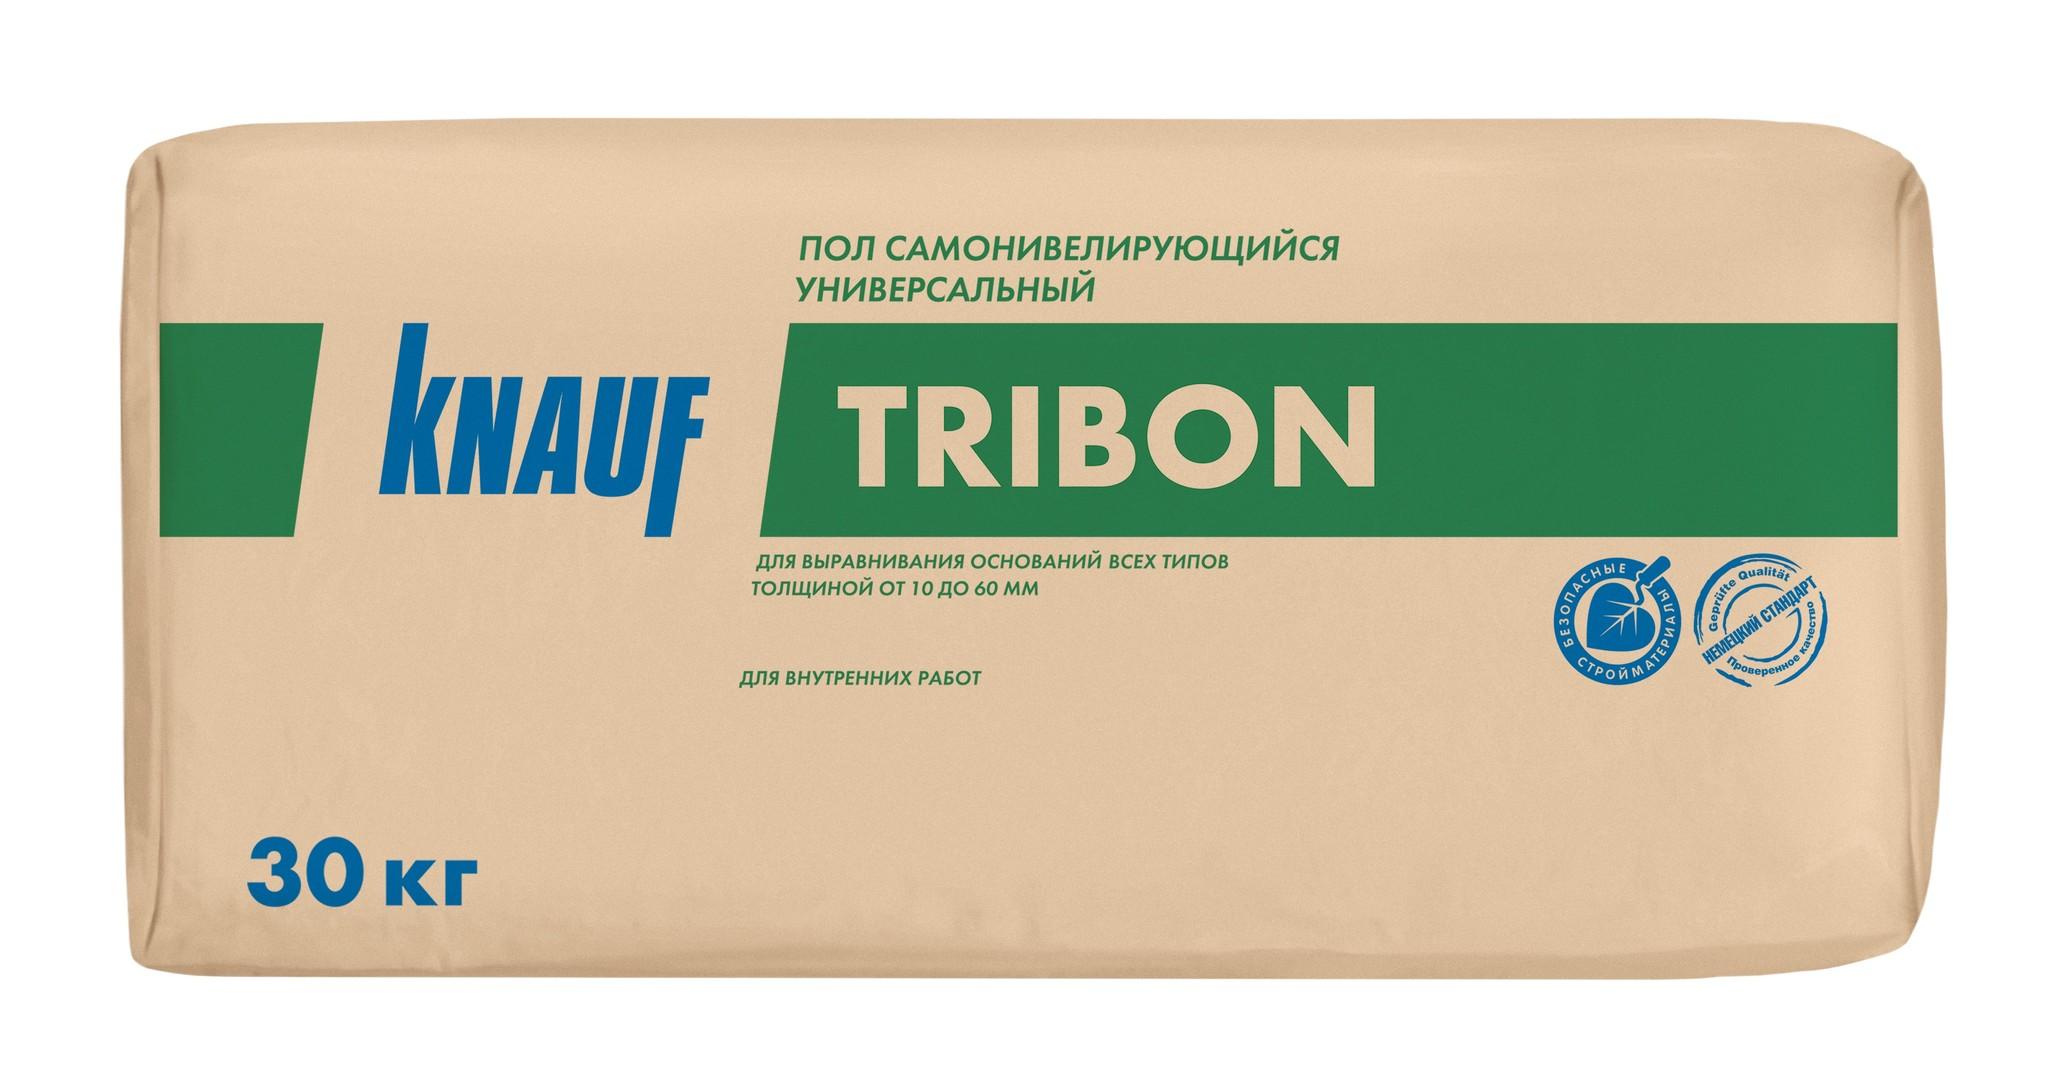 Наливные полы Наливной пол Knauf Трибон 10-60 мм самонивелирующийся, 30 кг 3c340be3715645a9b6bf425bfae9aa3d.jpg